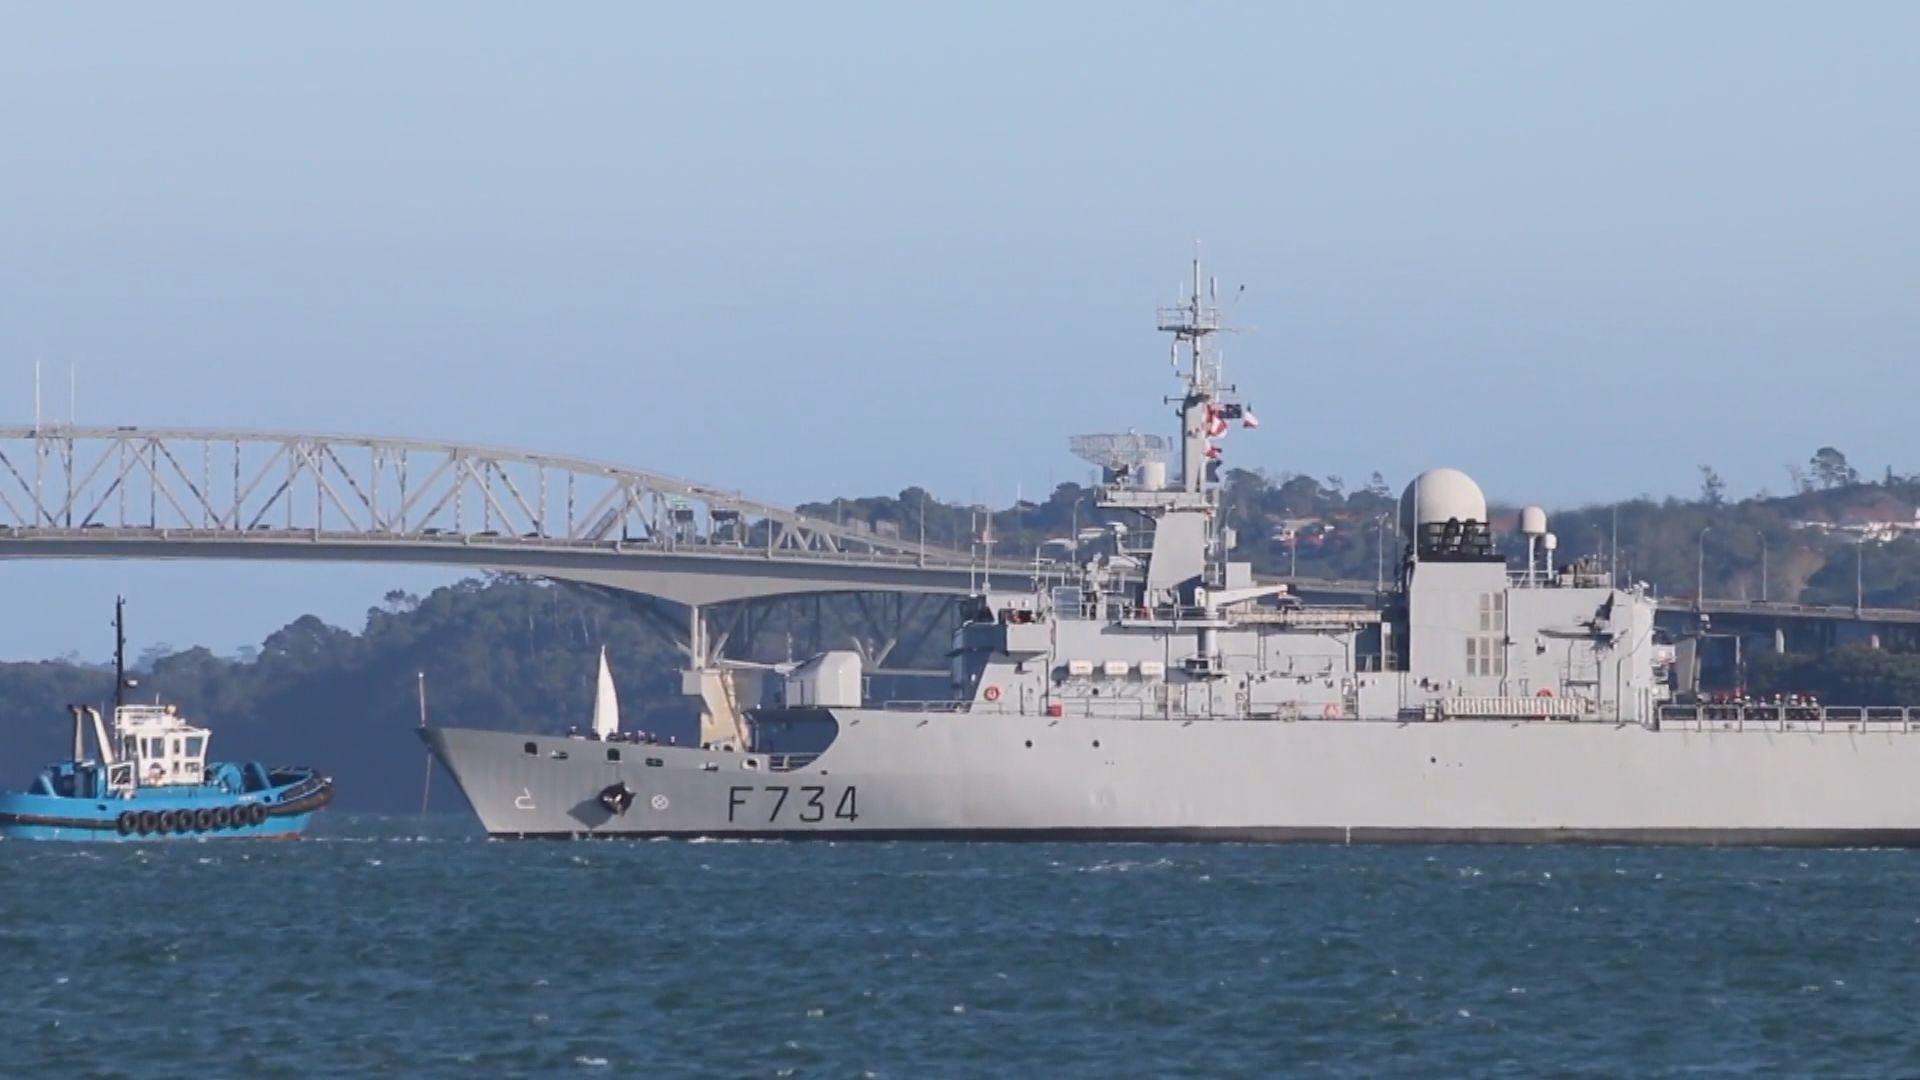 據報法軍艦月初曾通過台灣海峽